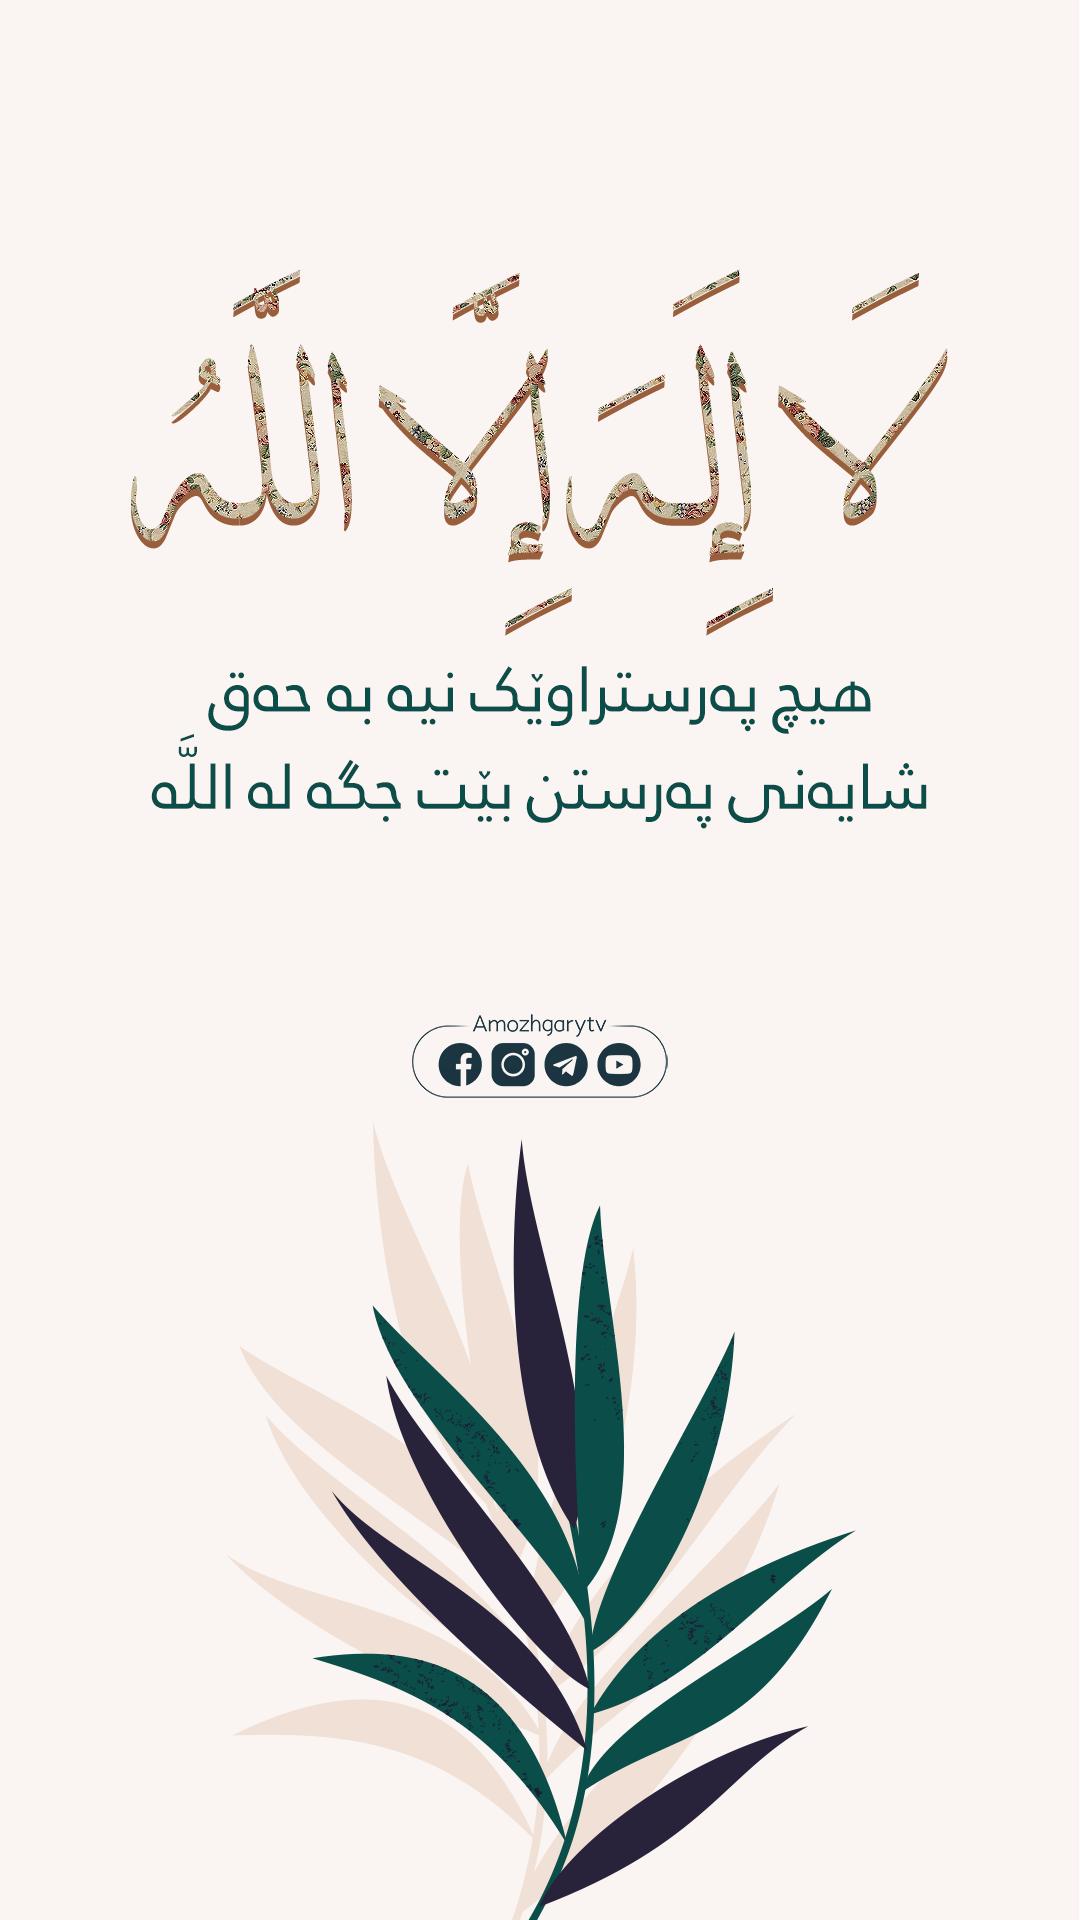 لا اله الا الله Home Decor Decals Decor